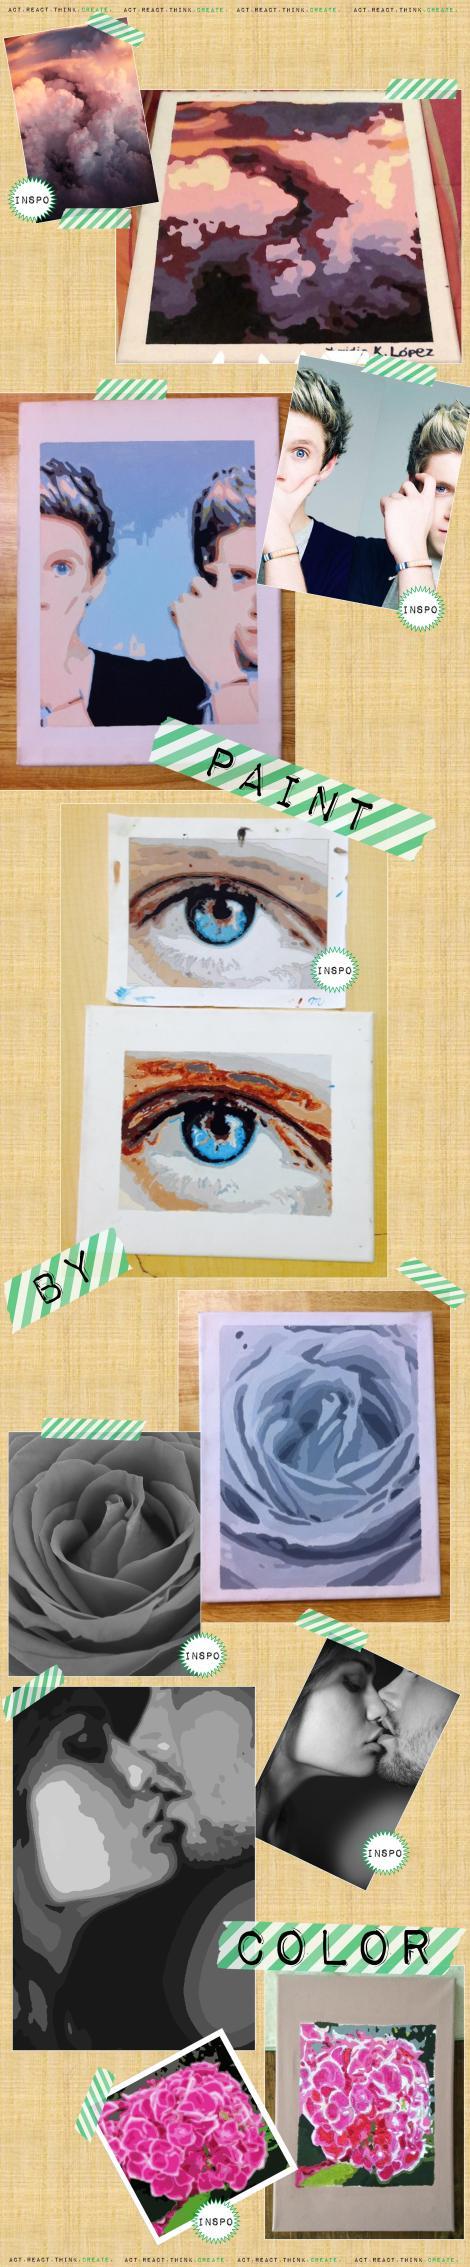 creatividad4a.r.t.